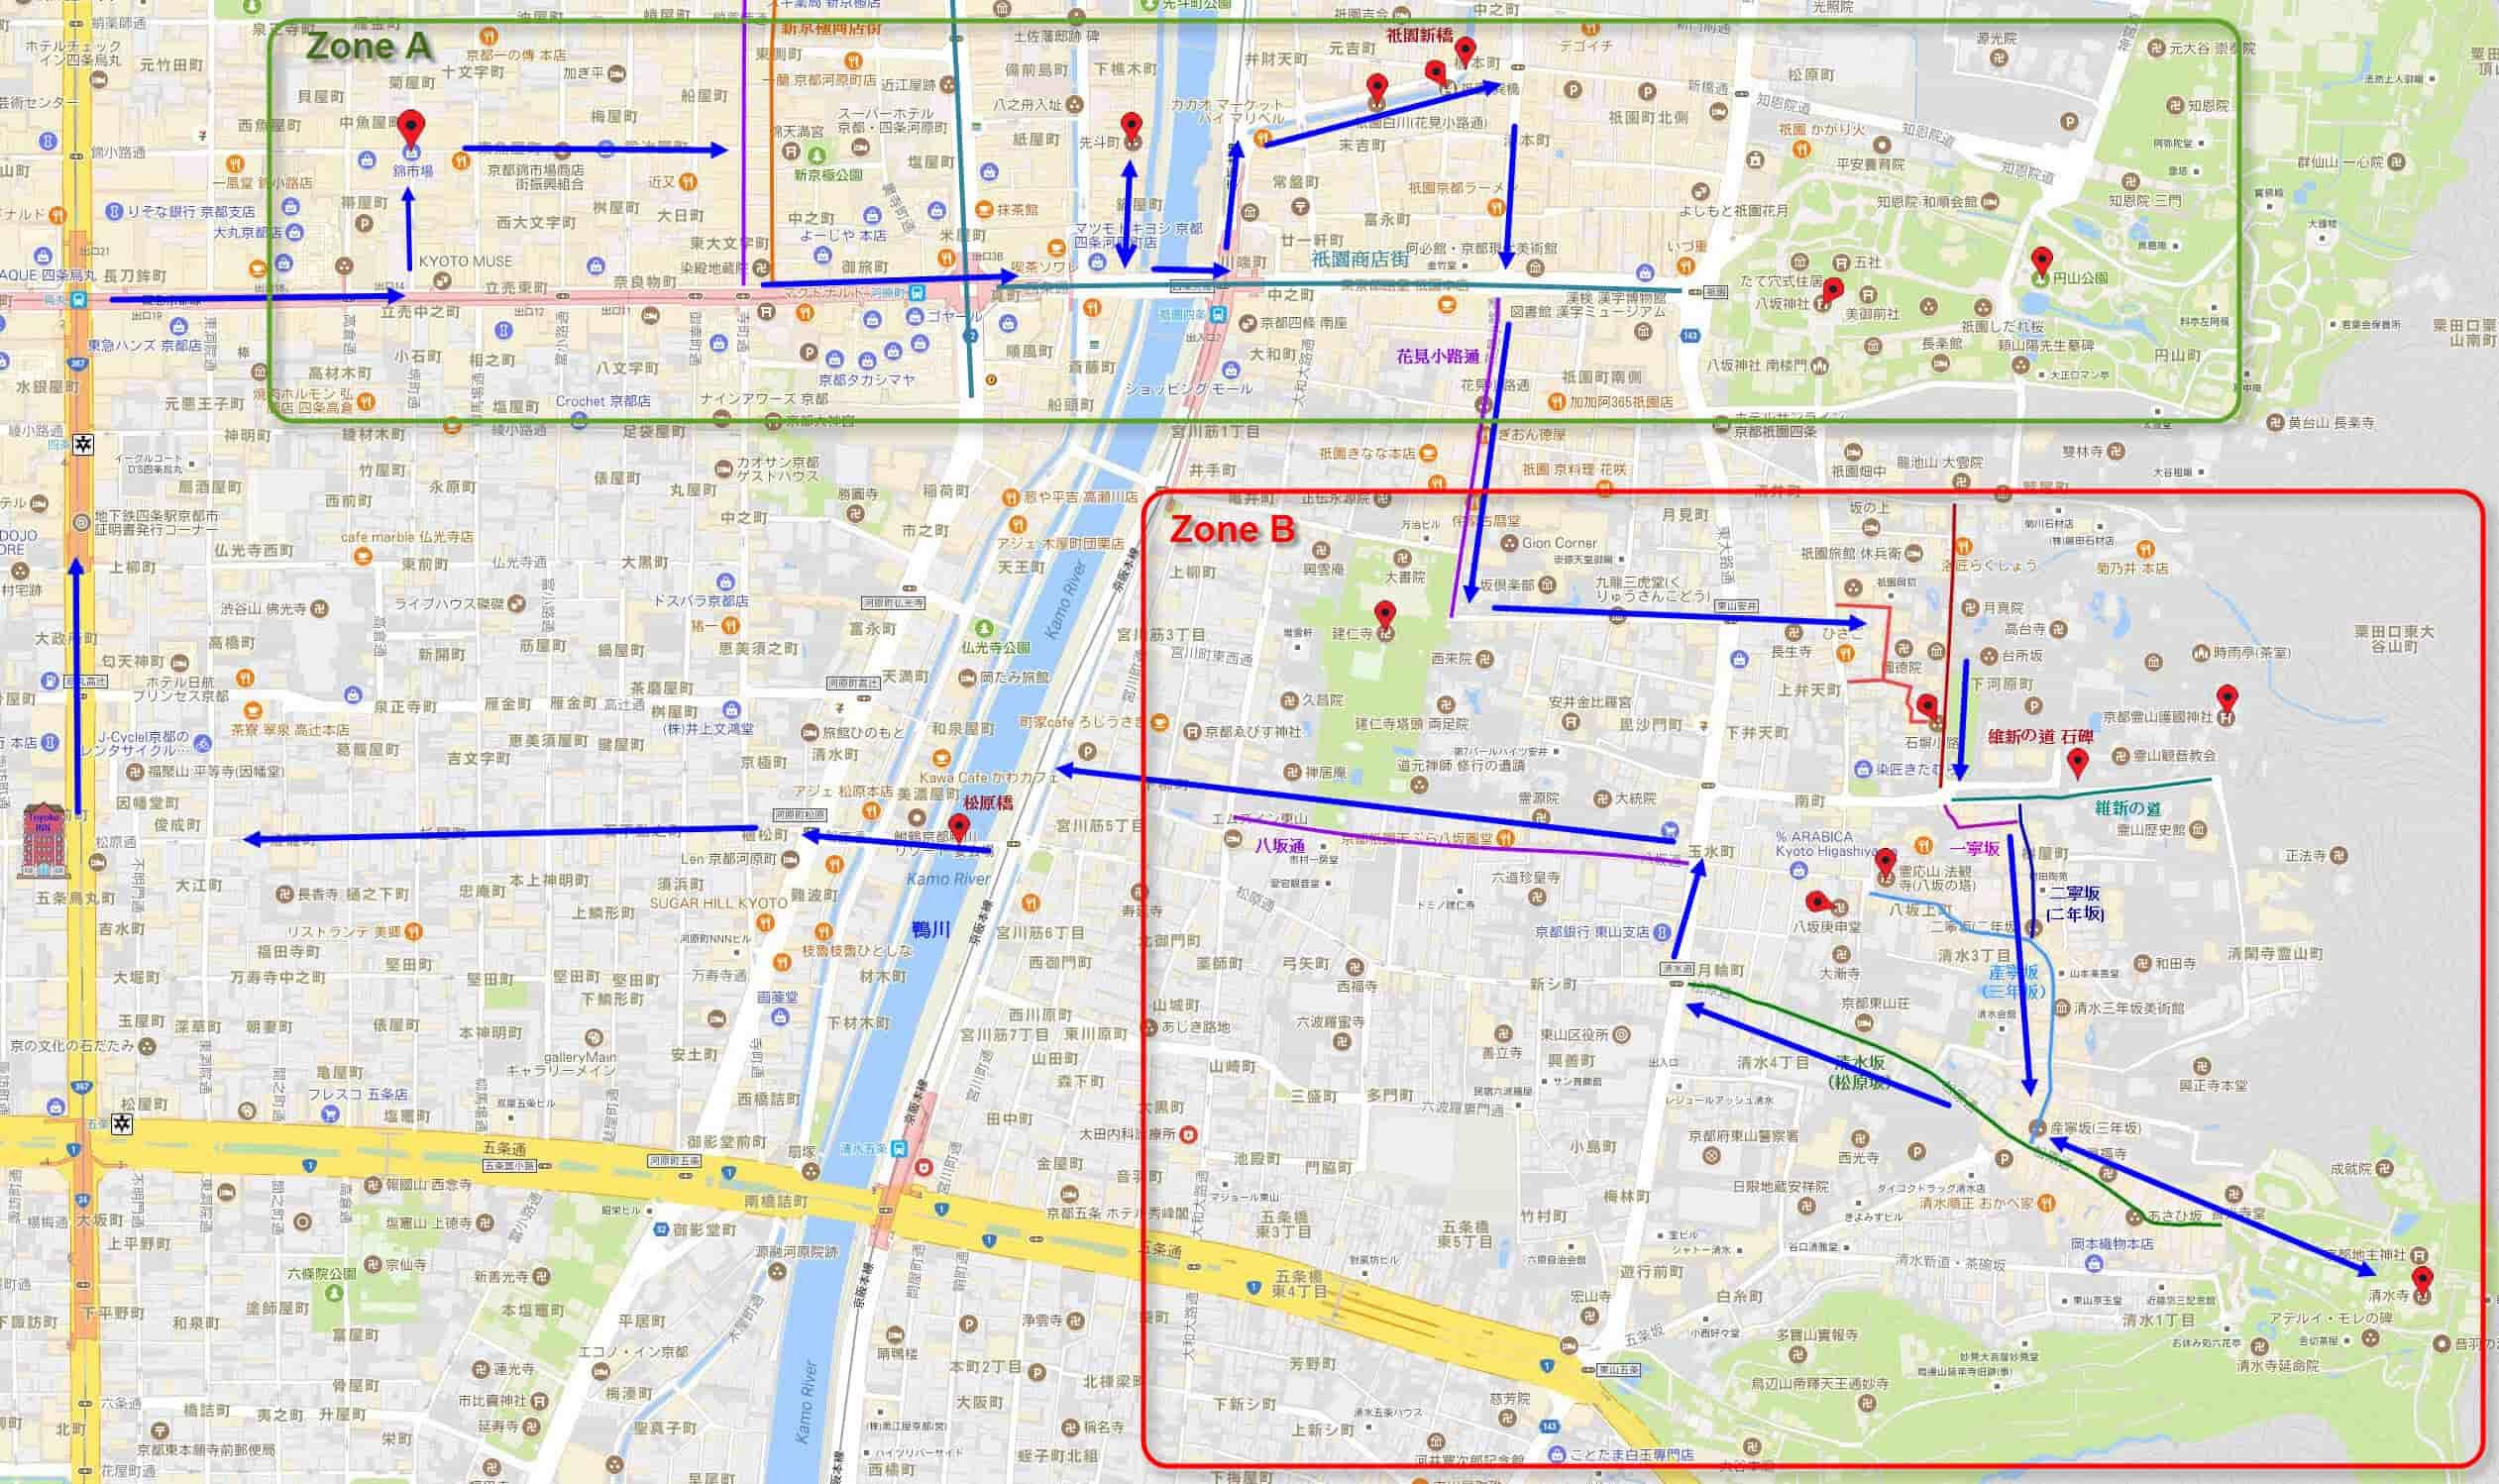 日本京都一天散步路線圖